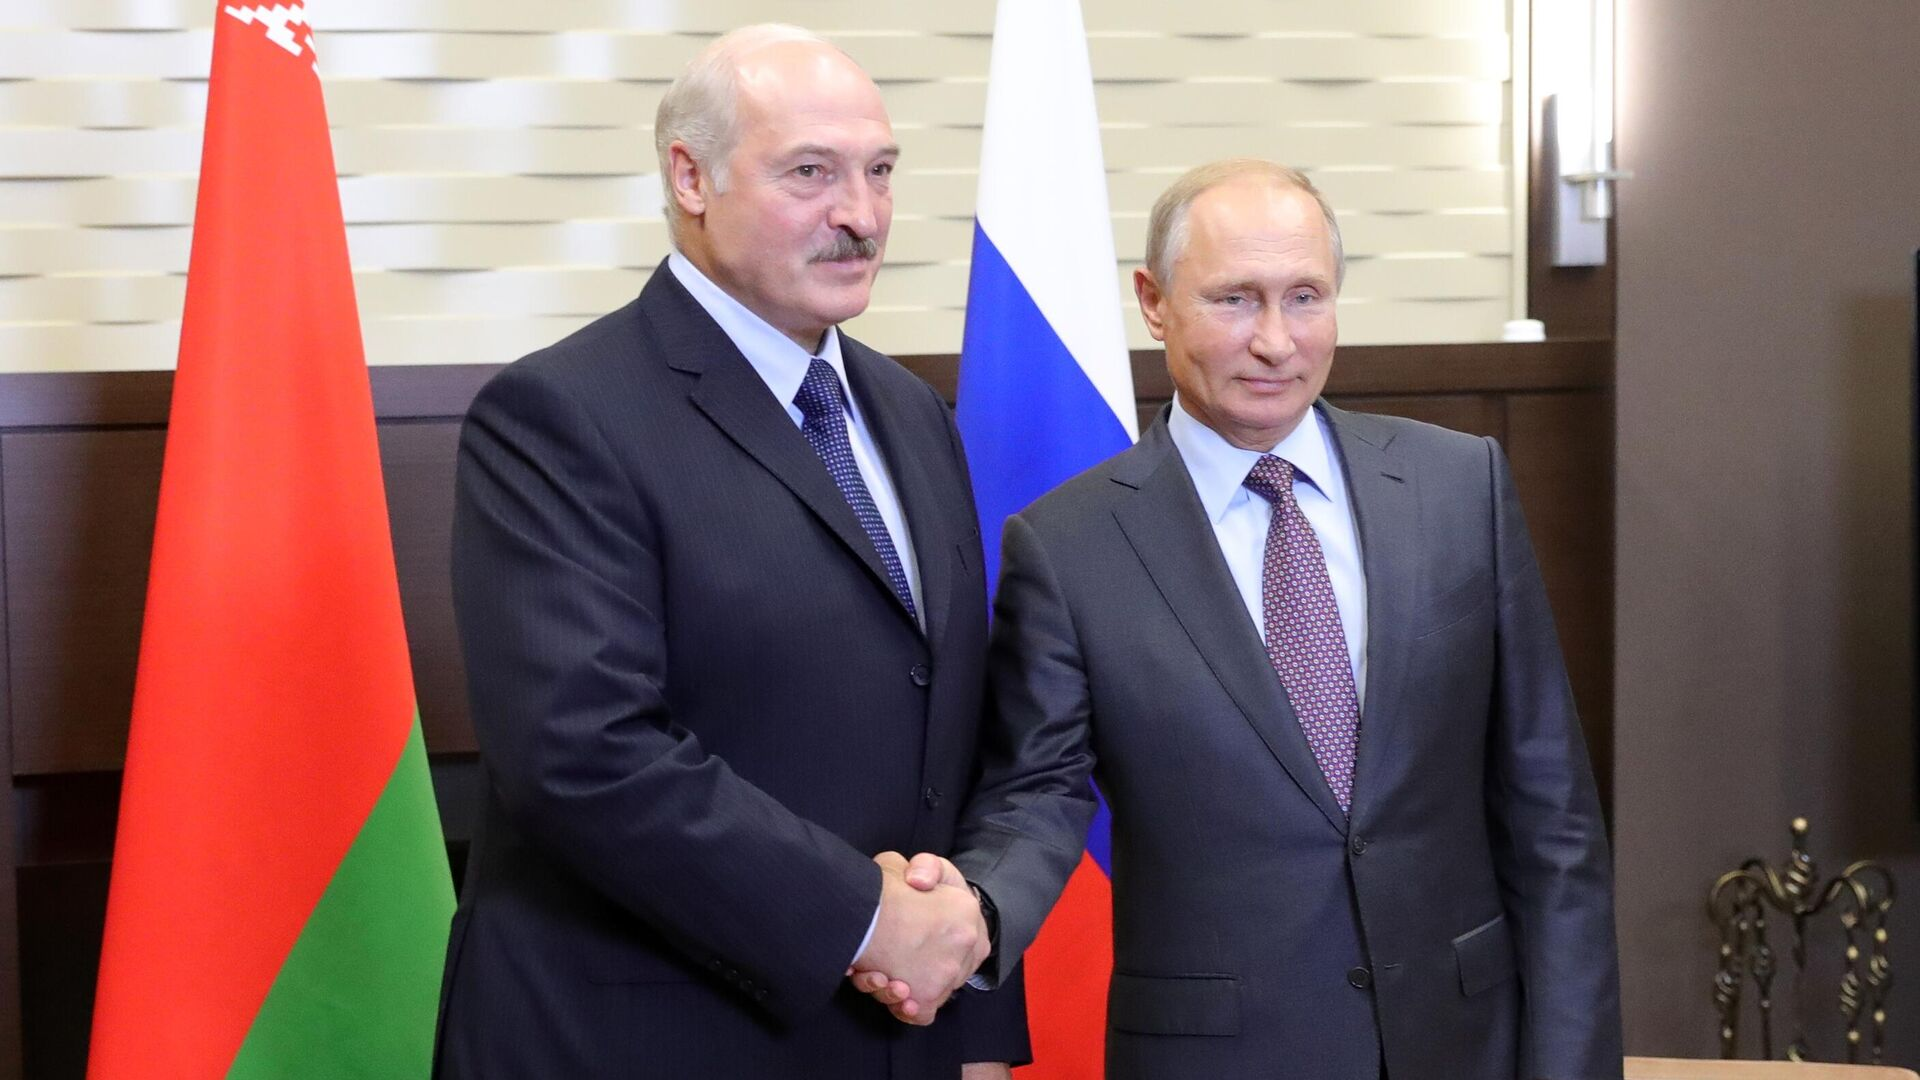 1577197500 0:88:2813:1671 1920x0 80 0 0 5d944637df7dcb13588e43c9c187ae4e - Россия и Белоруссия активизируют региональное сотрудничество